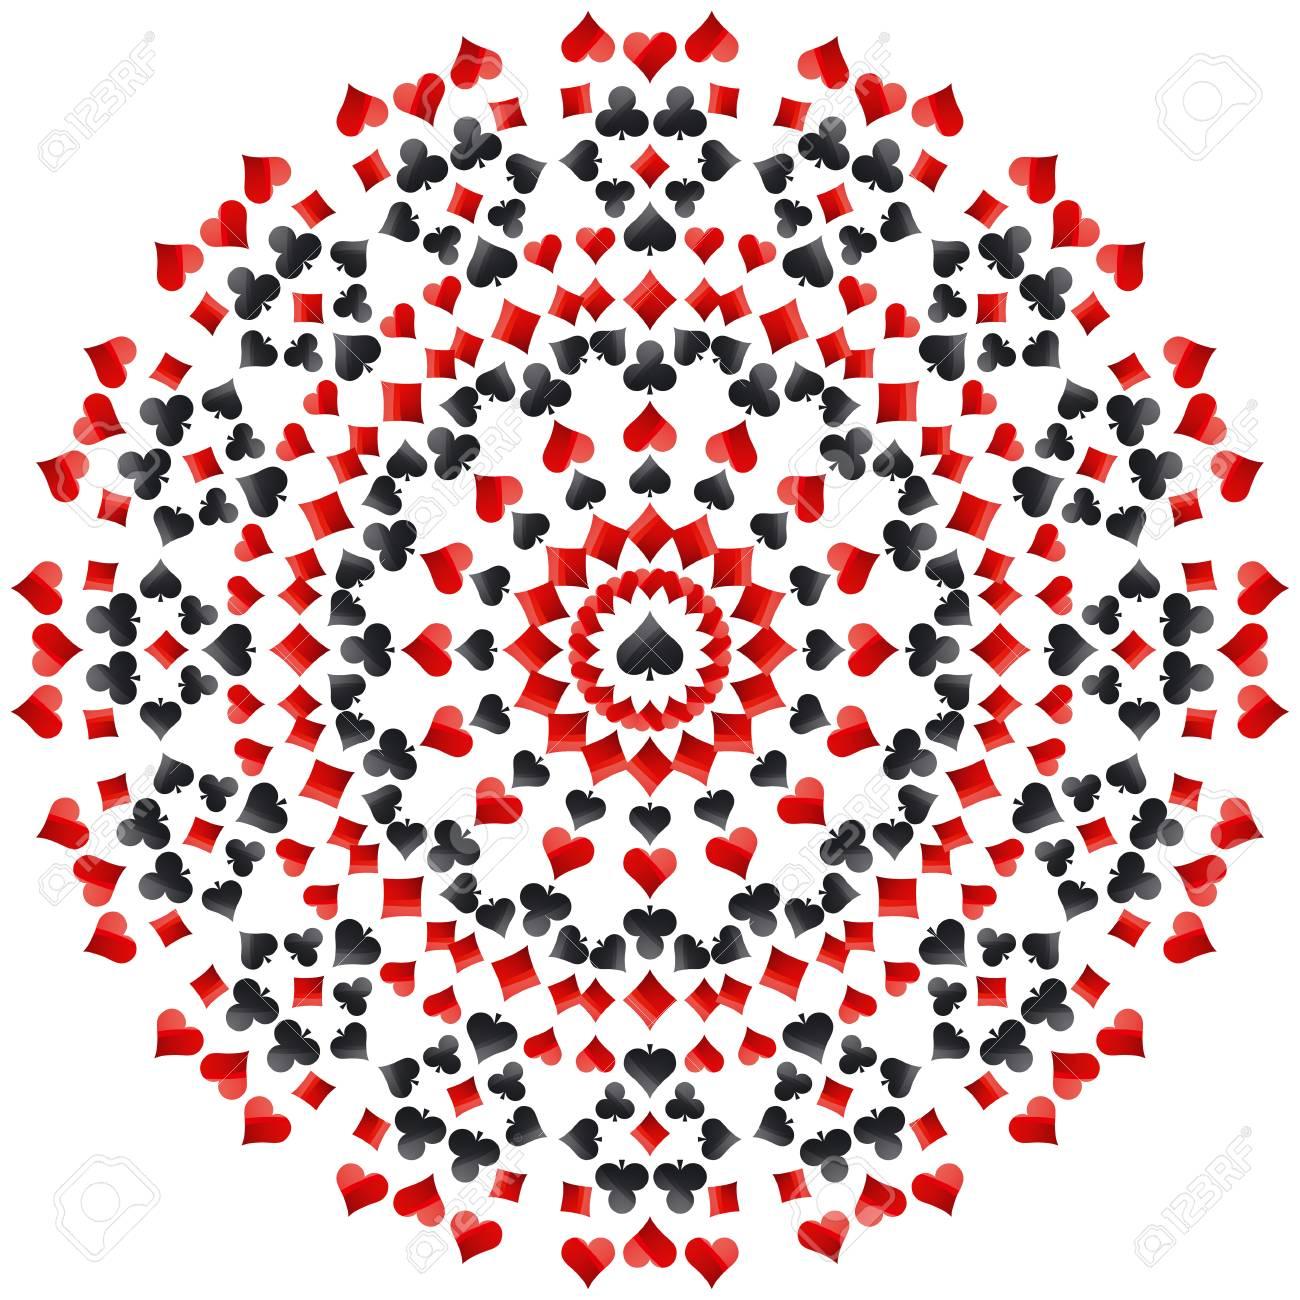 Mandala Redonda Del Poker De Juego Con Los Simbolos Rojos Y Negros